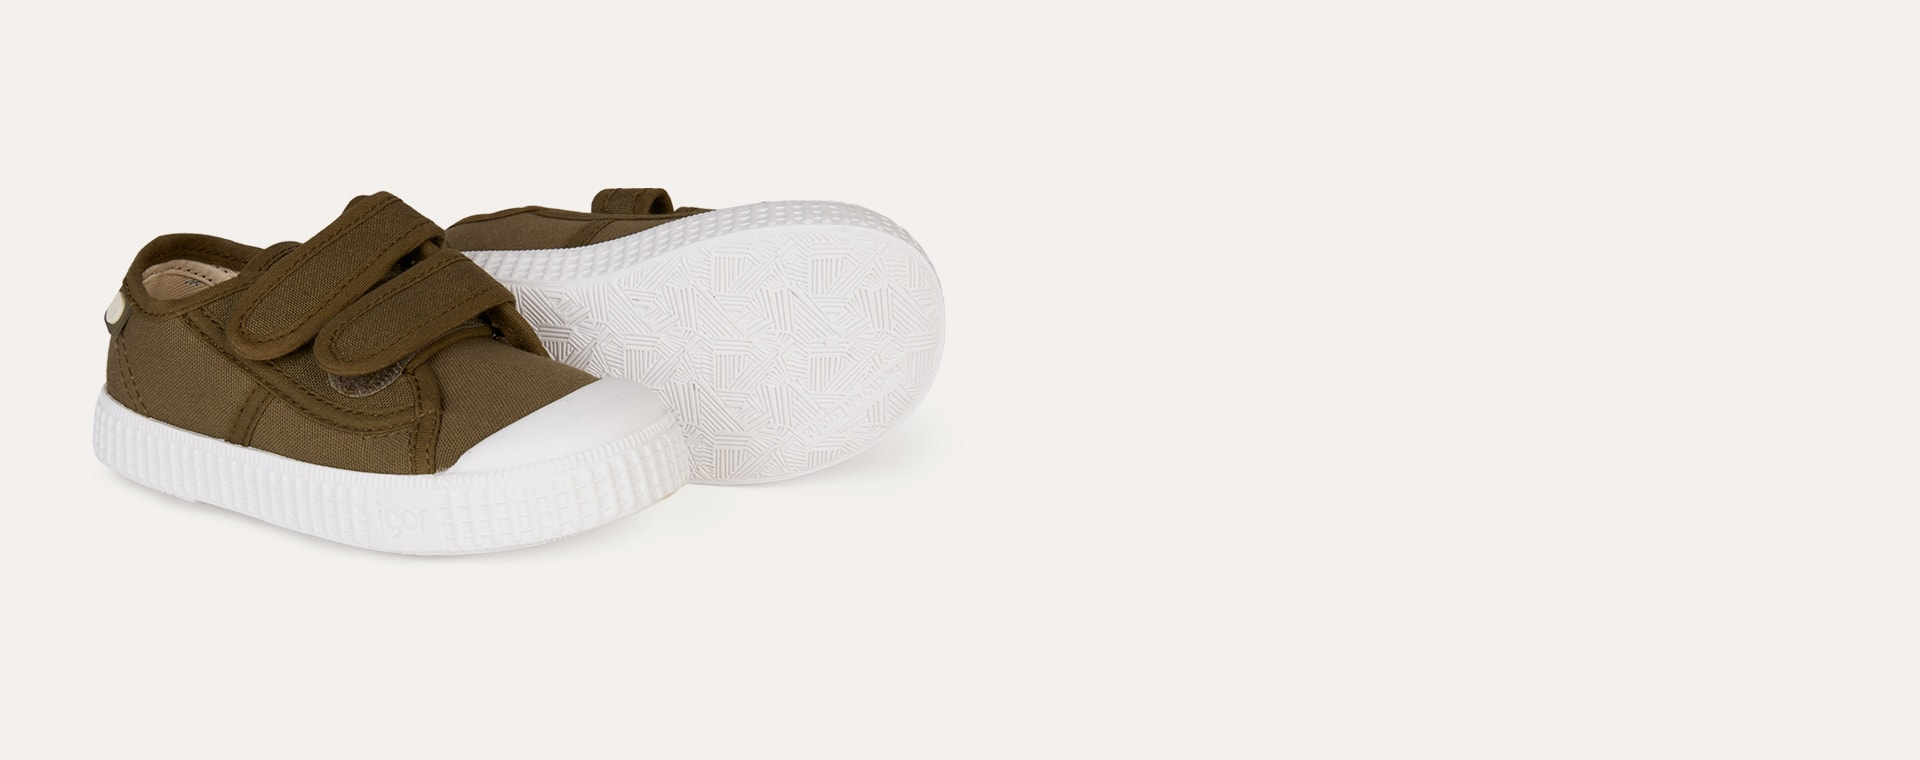 Kaki igor Berri Velcro Tennis Shoe